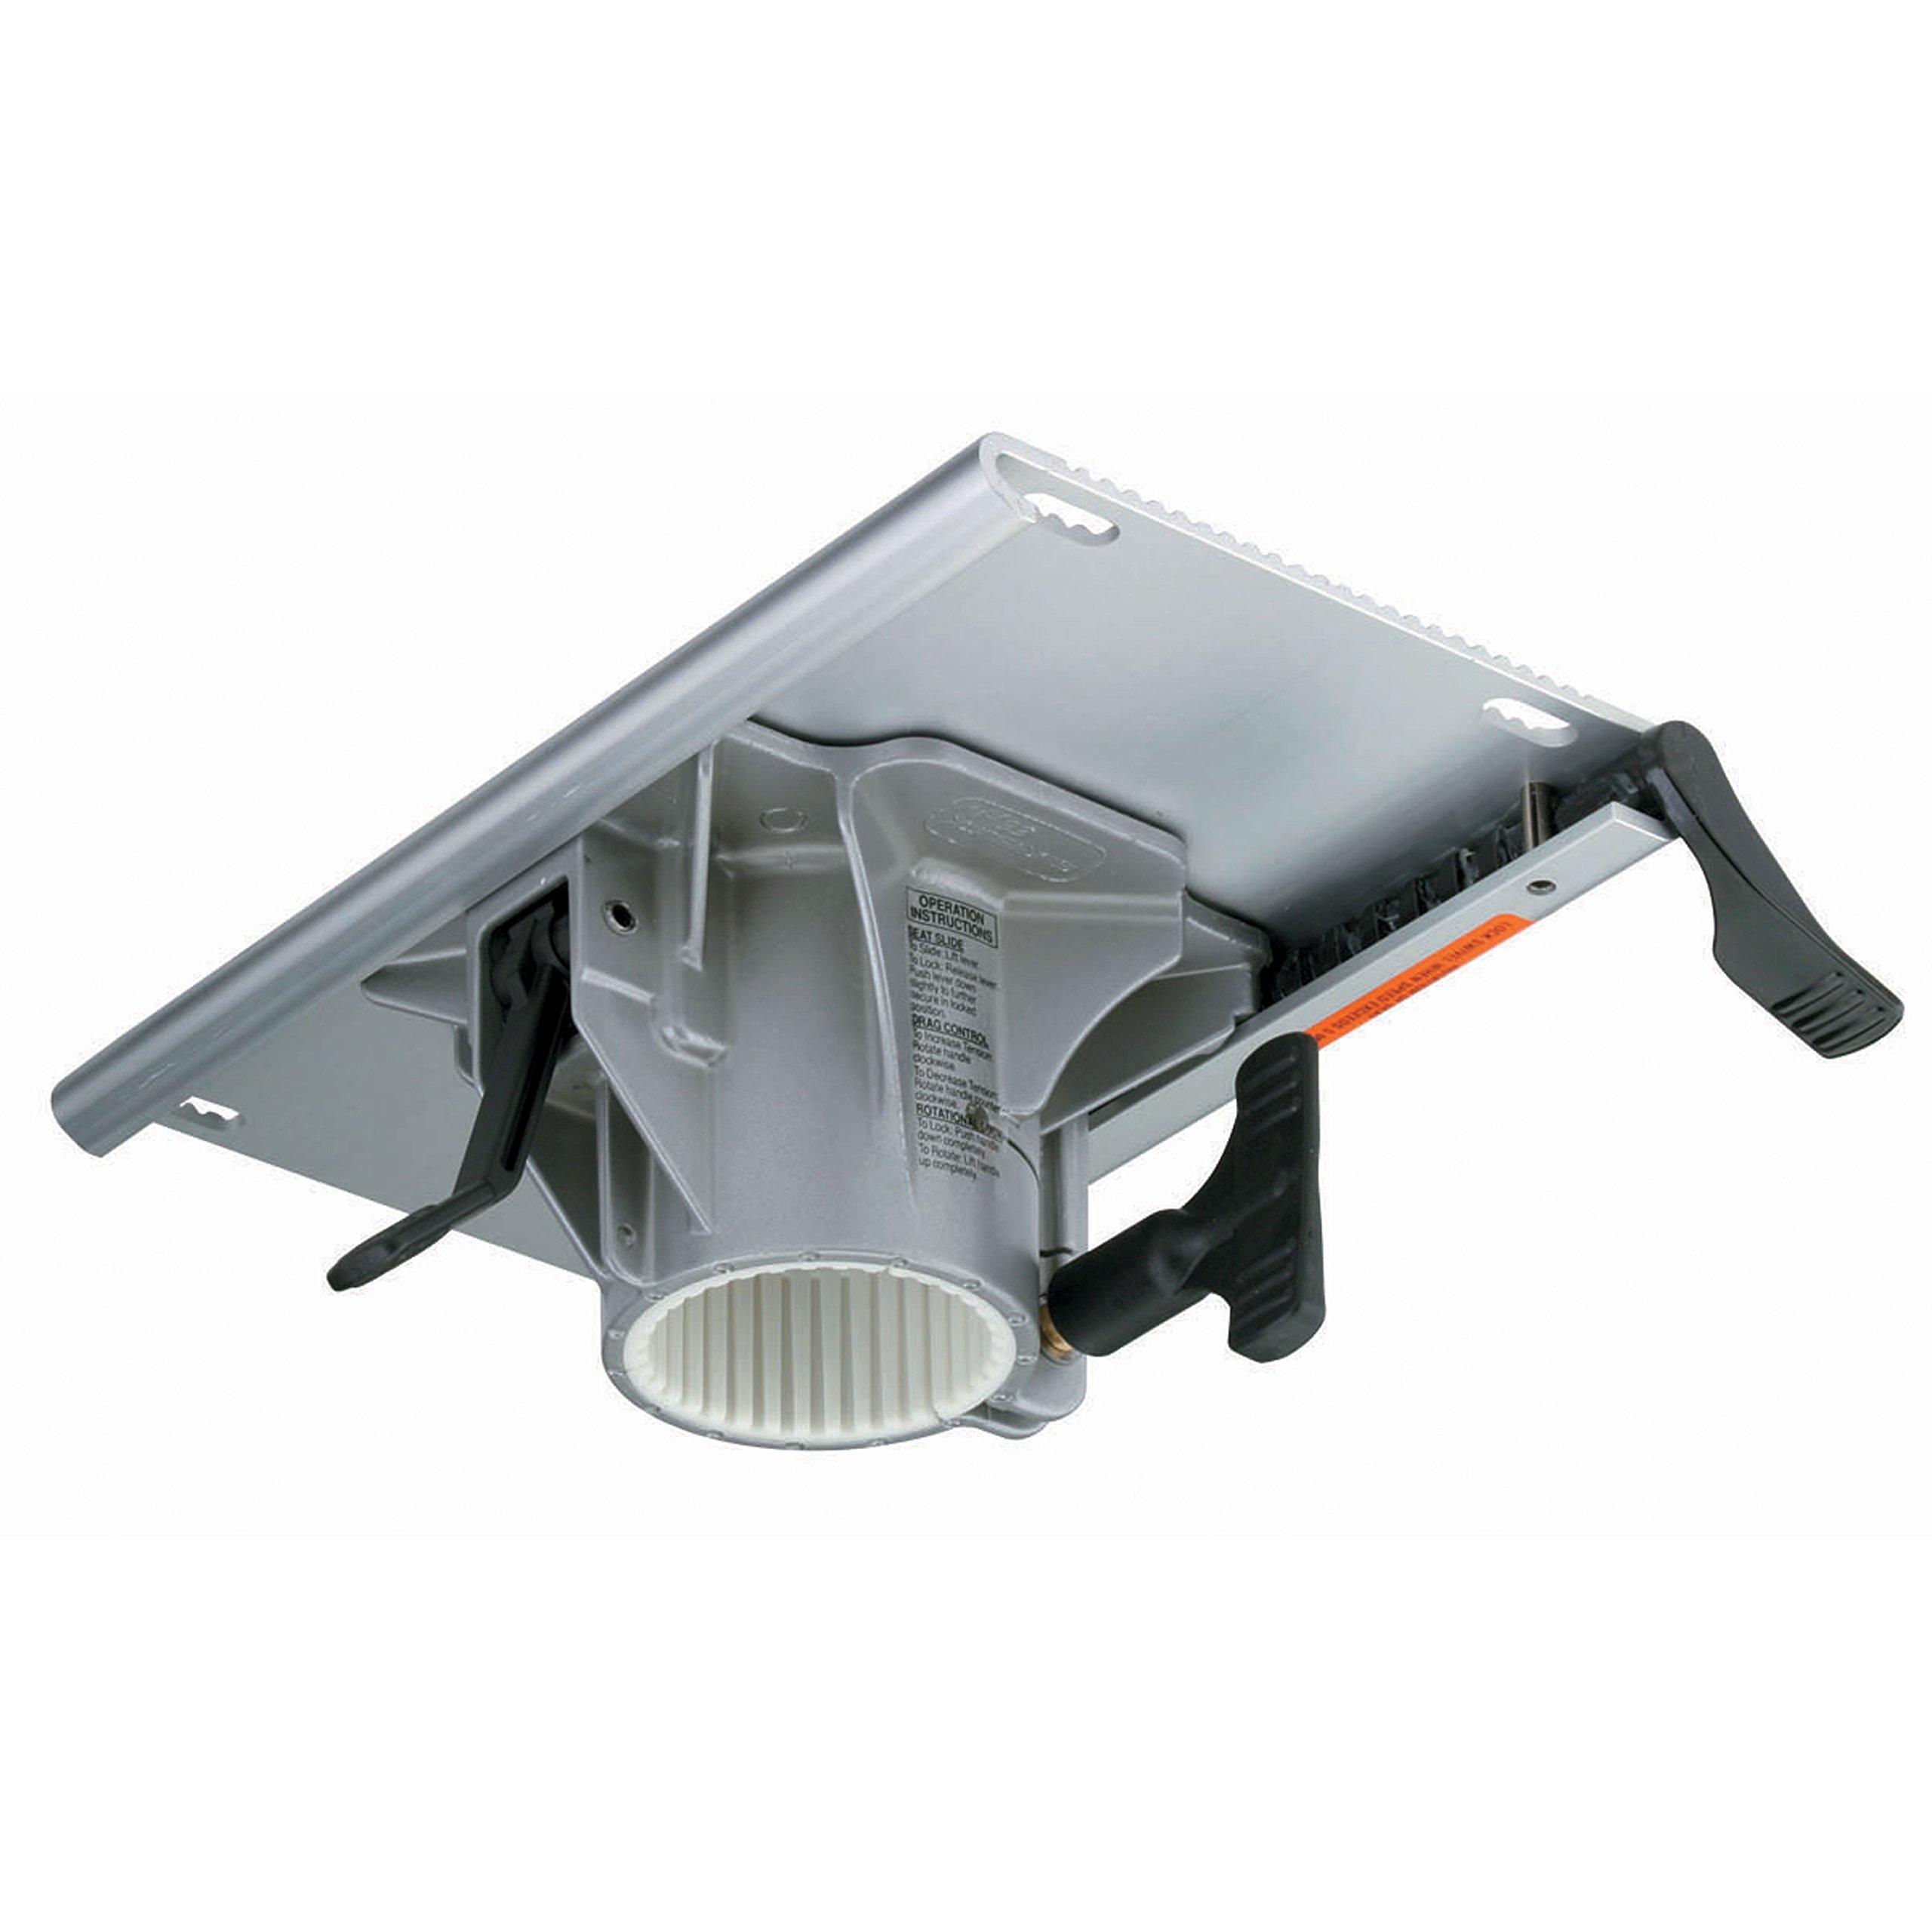 Garelick/Eez-In 22000:01 Millenium Series Seat Slide System Smooth Series - Left Hand Lever